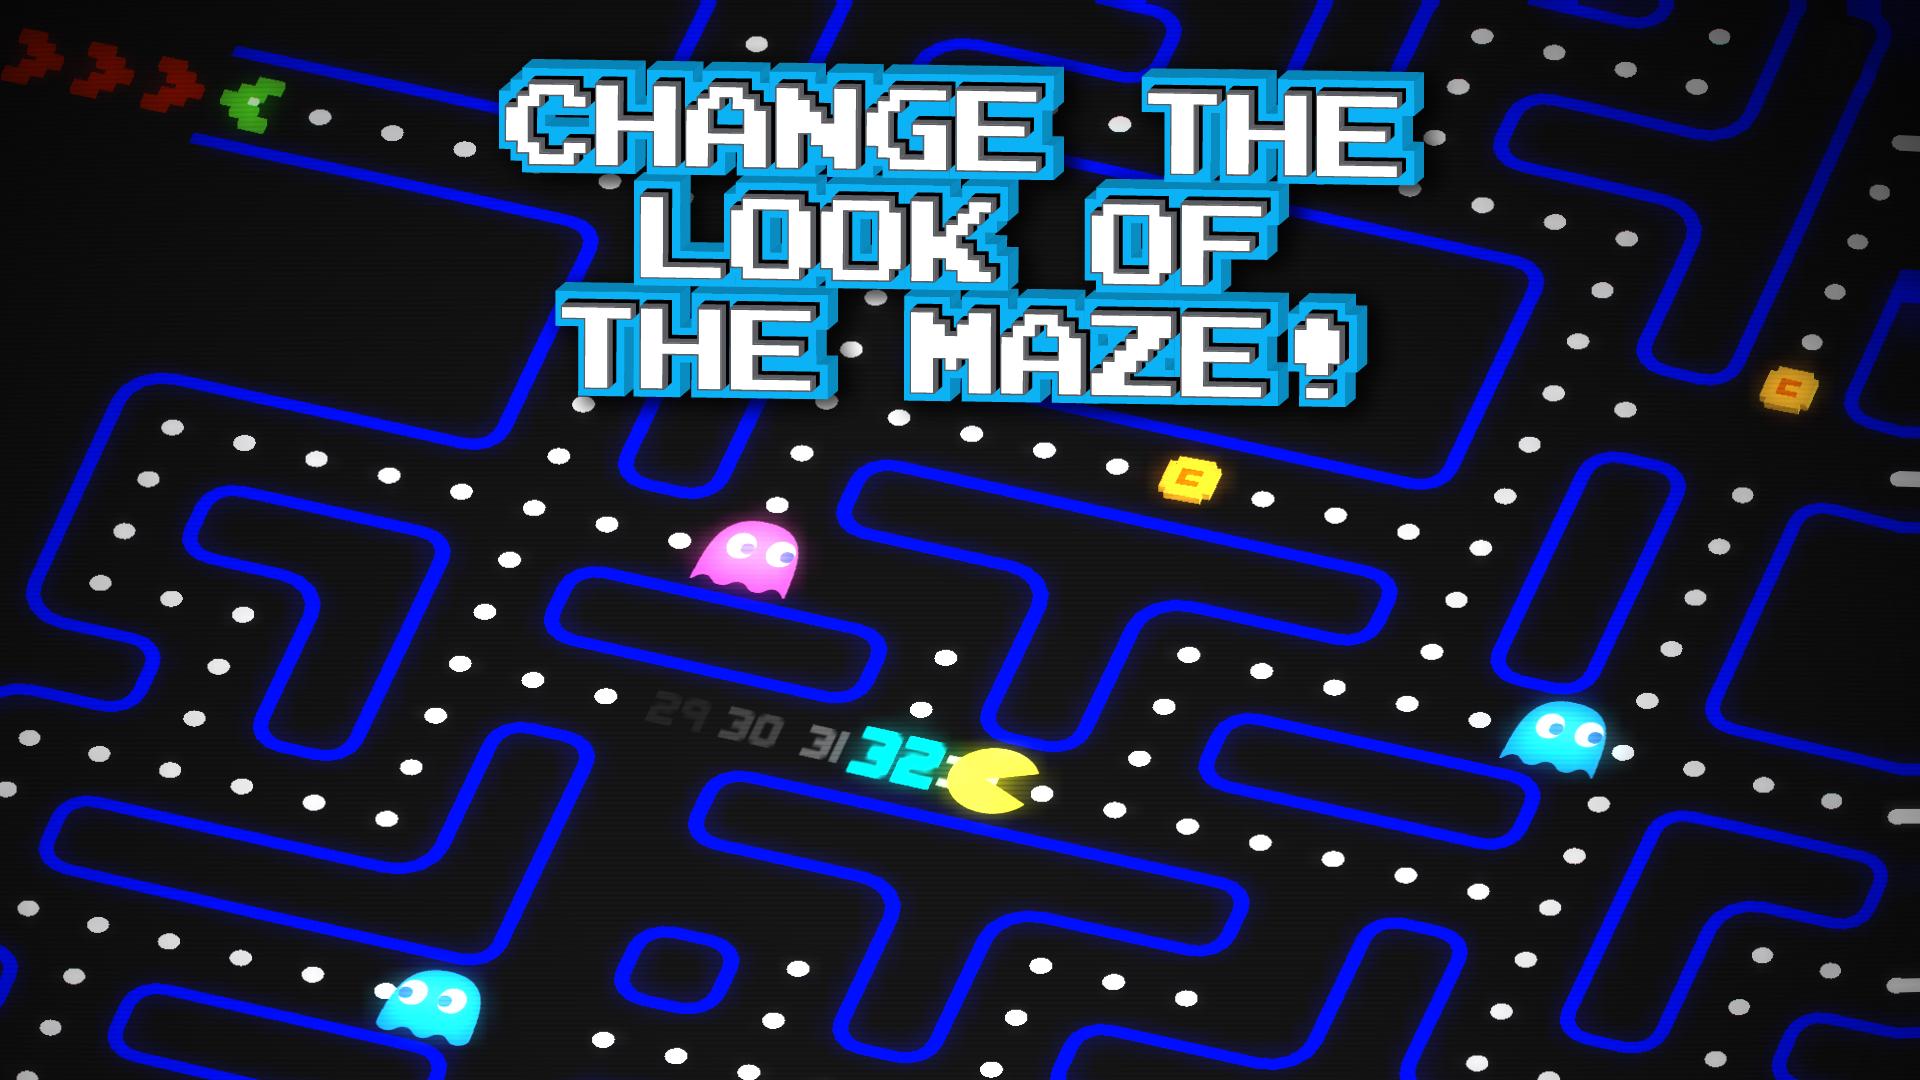 PAC-MAN 256 - Endless Arcade Maze screenshot 12